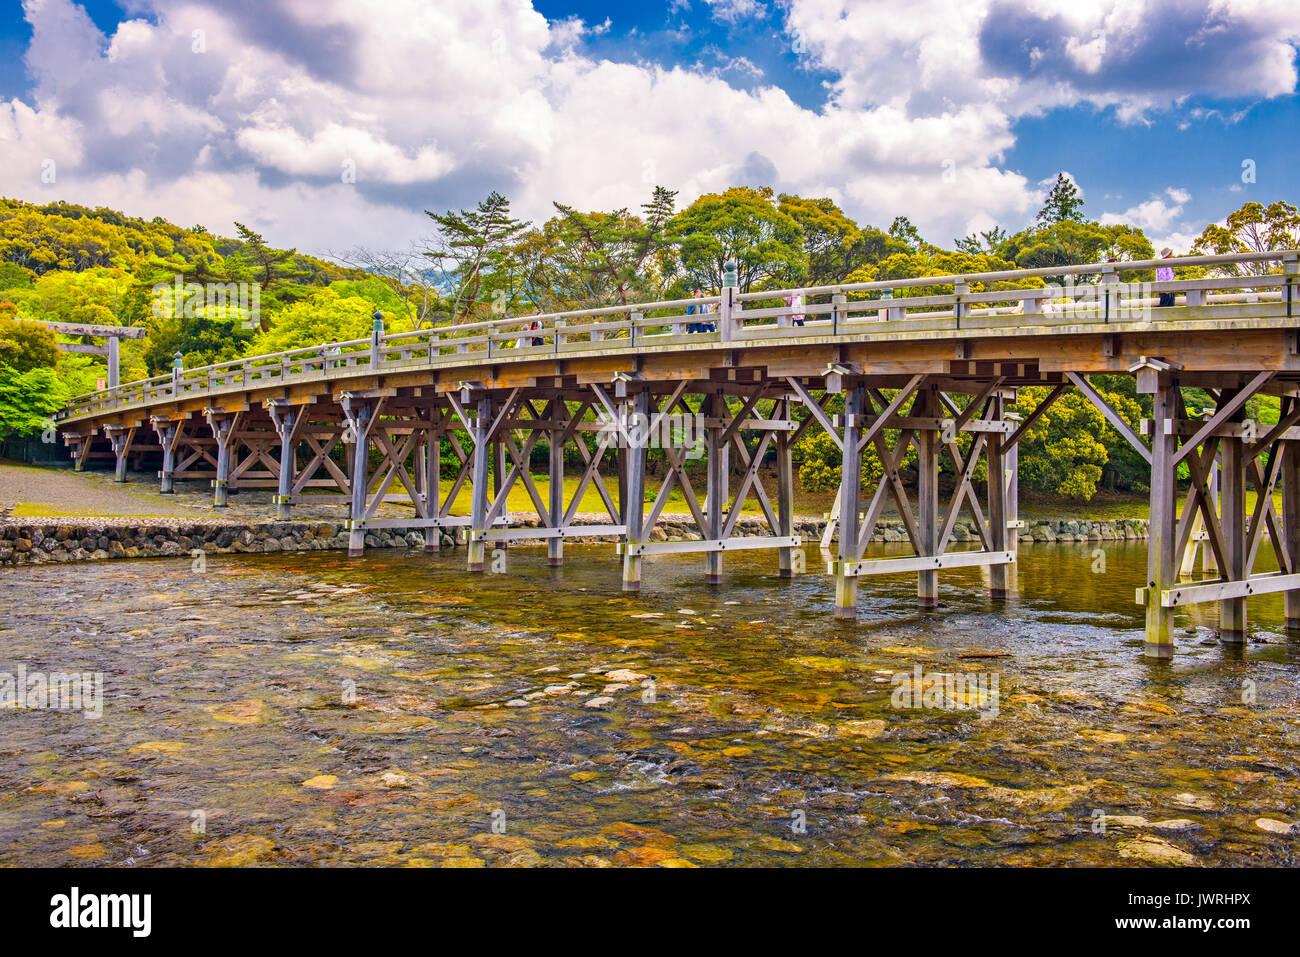 Ise, Japan at Uji Bridge of Ise Grand Shrine. - Stock Image